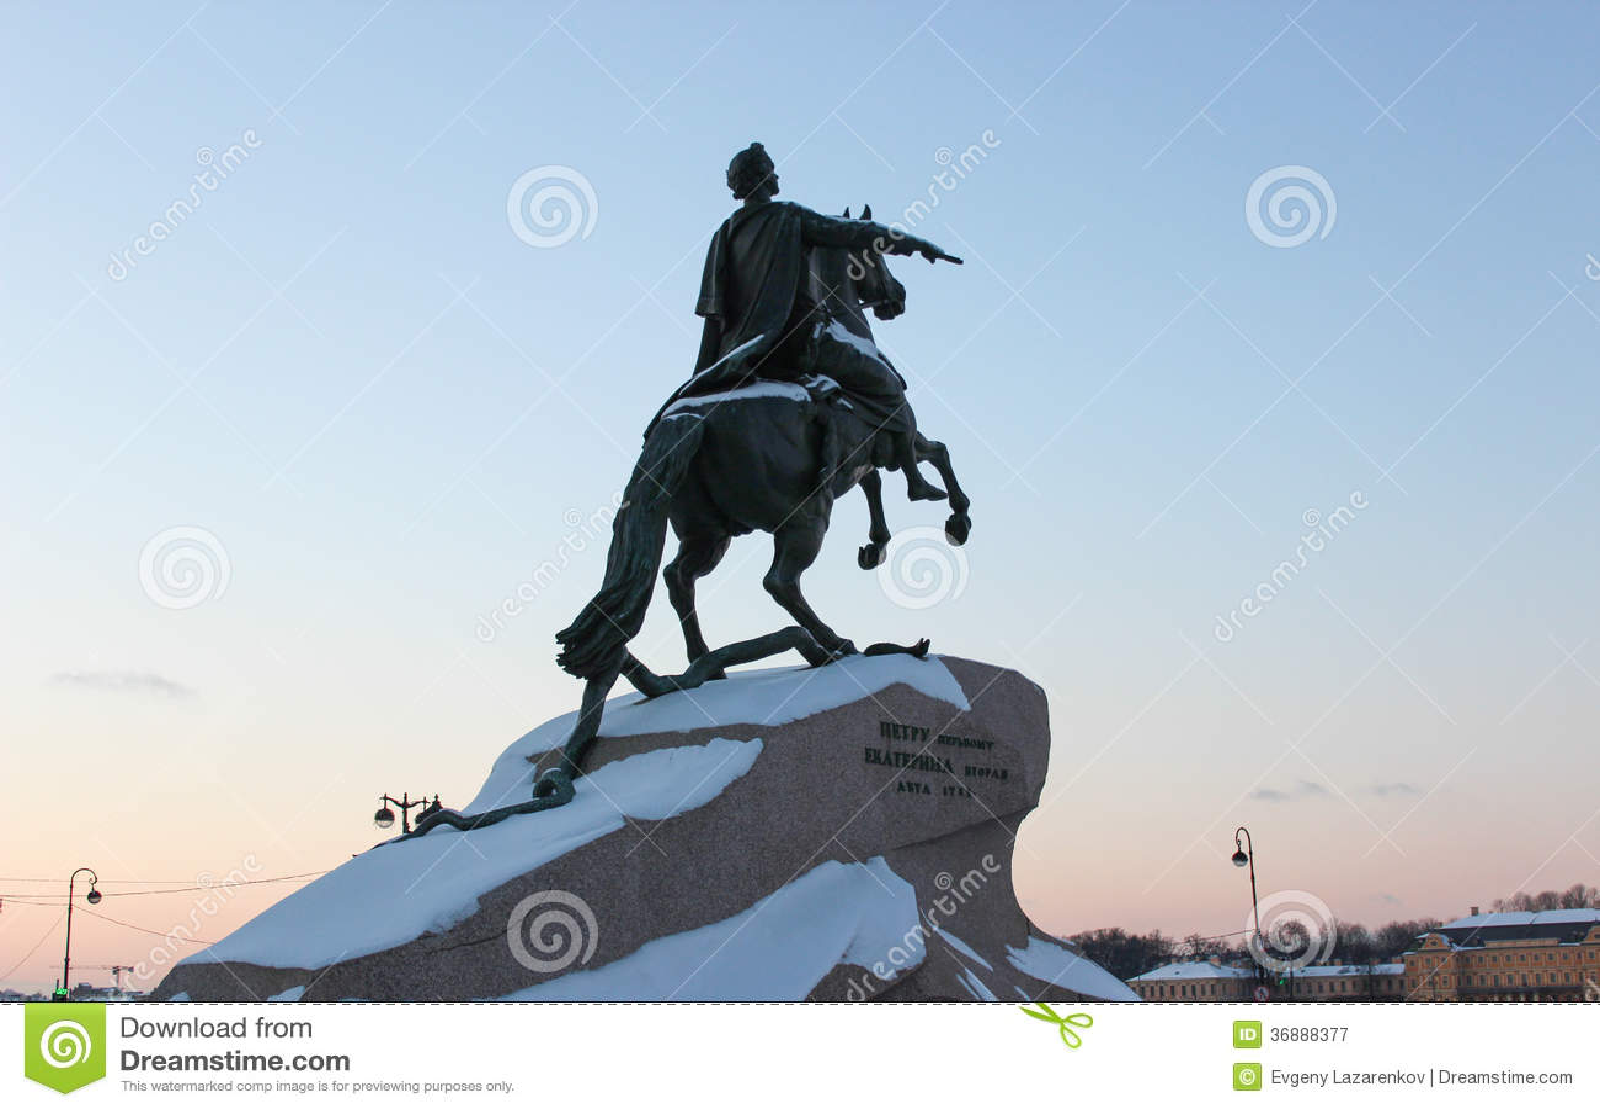 Ιππέας χαλκού, μνημείο σε Petere πρώτα, Άγιος-Πετρούπολη